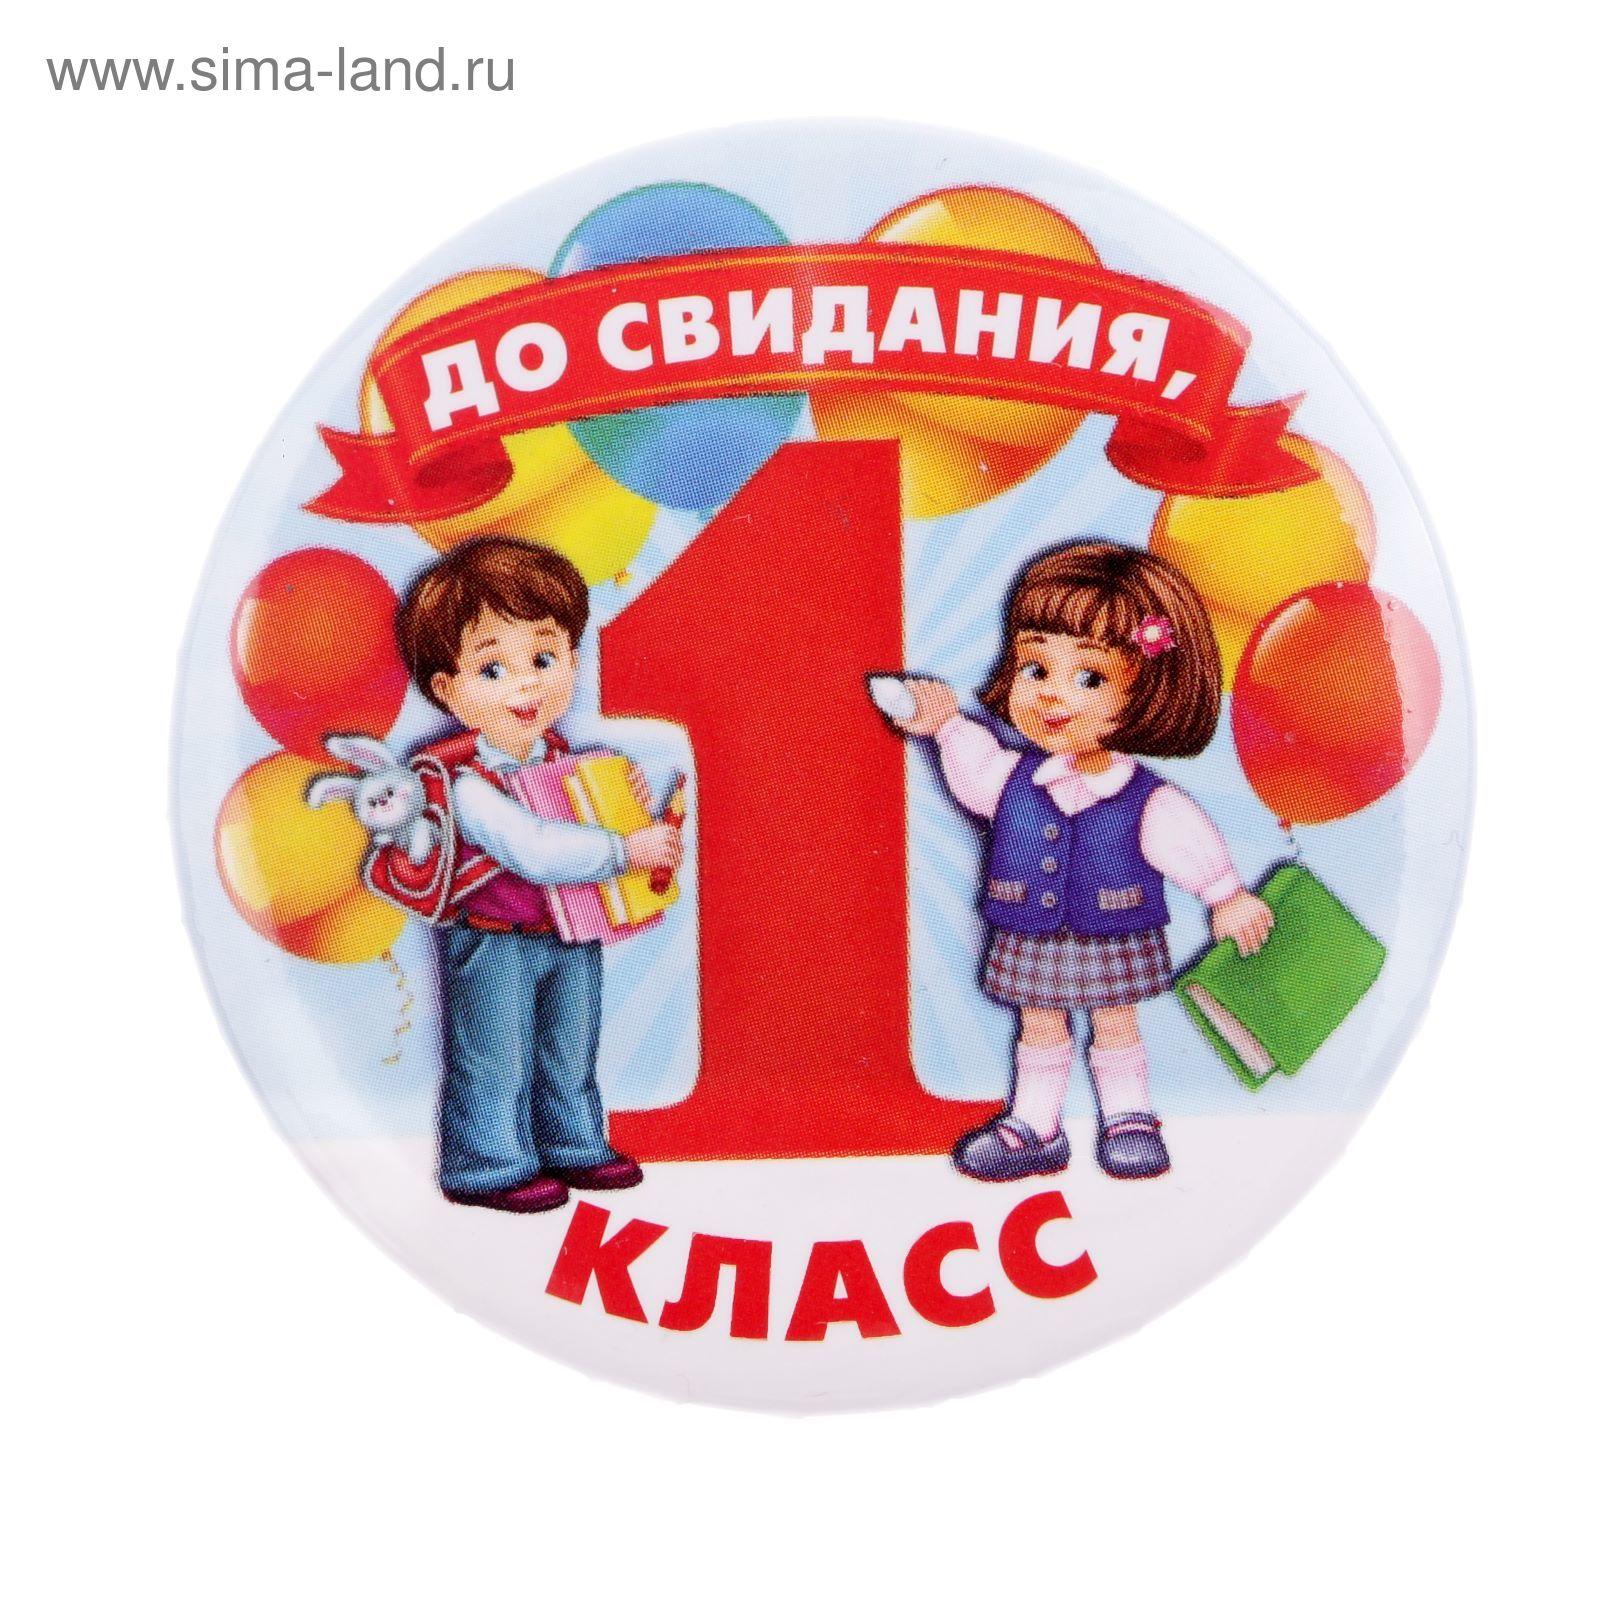 Значок «До свидания, 1 класс», закатной, d=5,6 см (2189909) - Купить по  цене от 15.90 руб.   Интернет магазин SIMA-LAND.RU